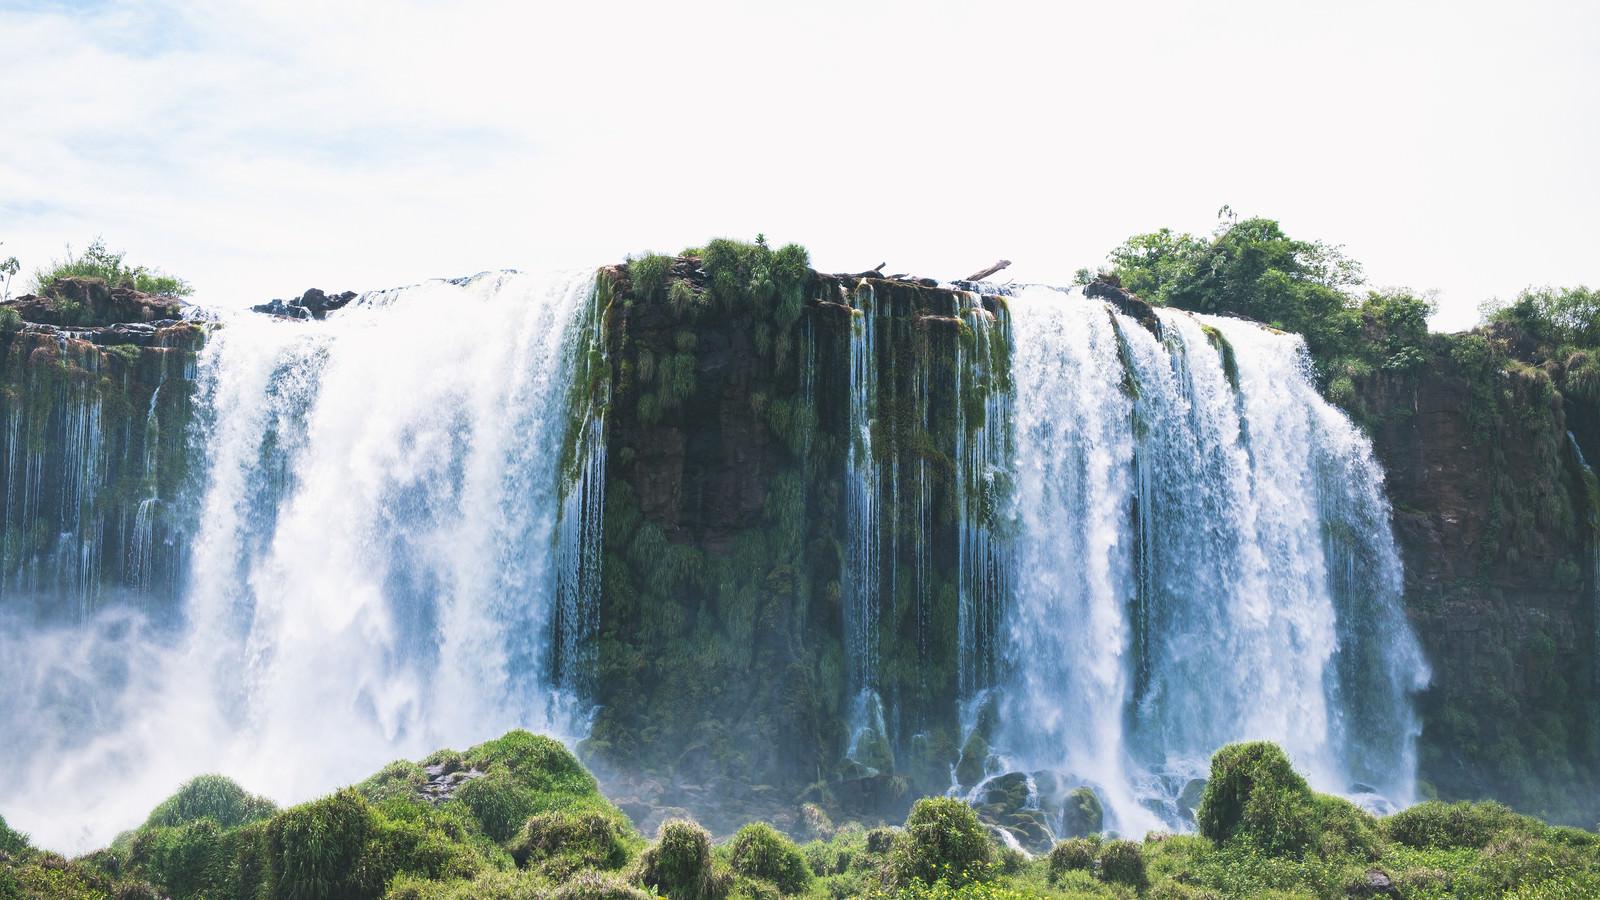 豊富な水量が勢いよく流れ落ちるイグアスの滝のフリー素材